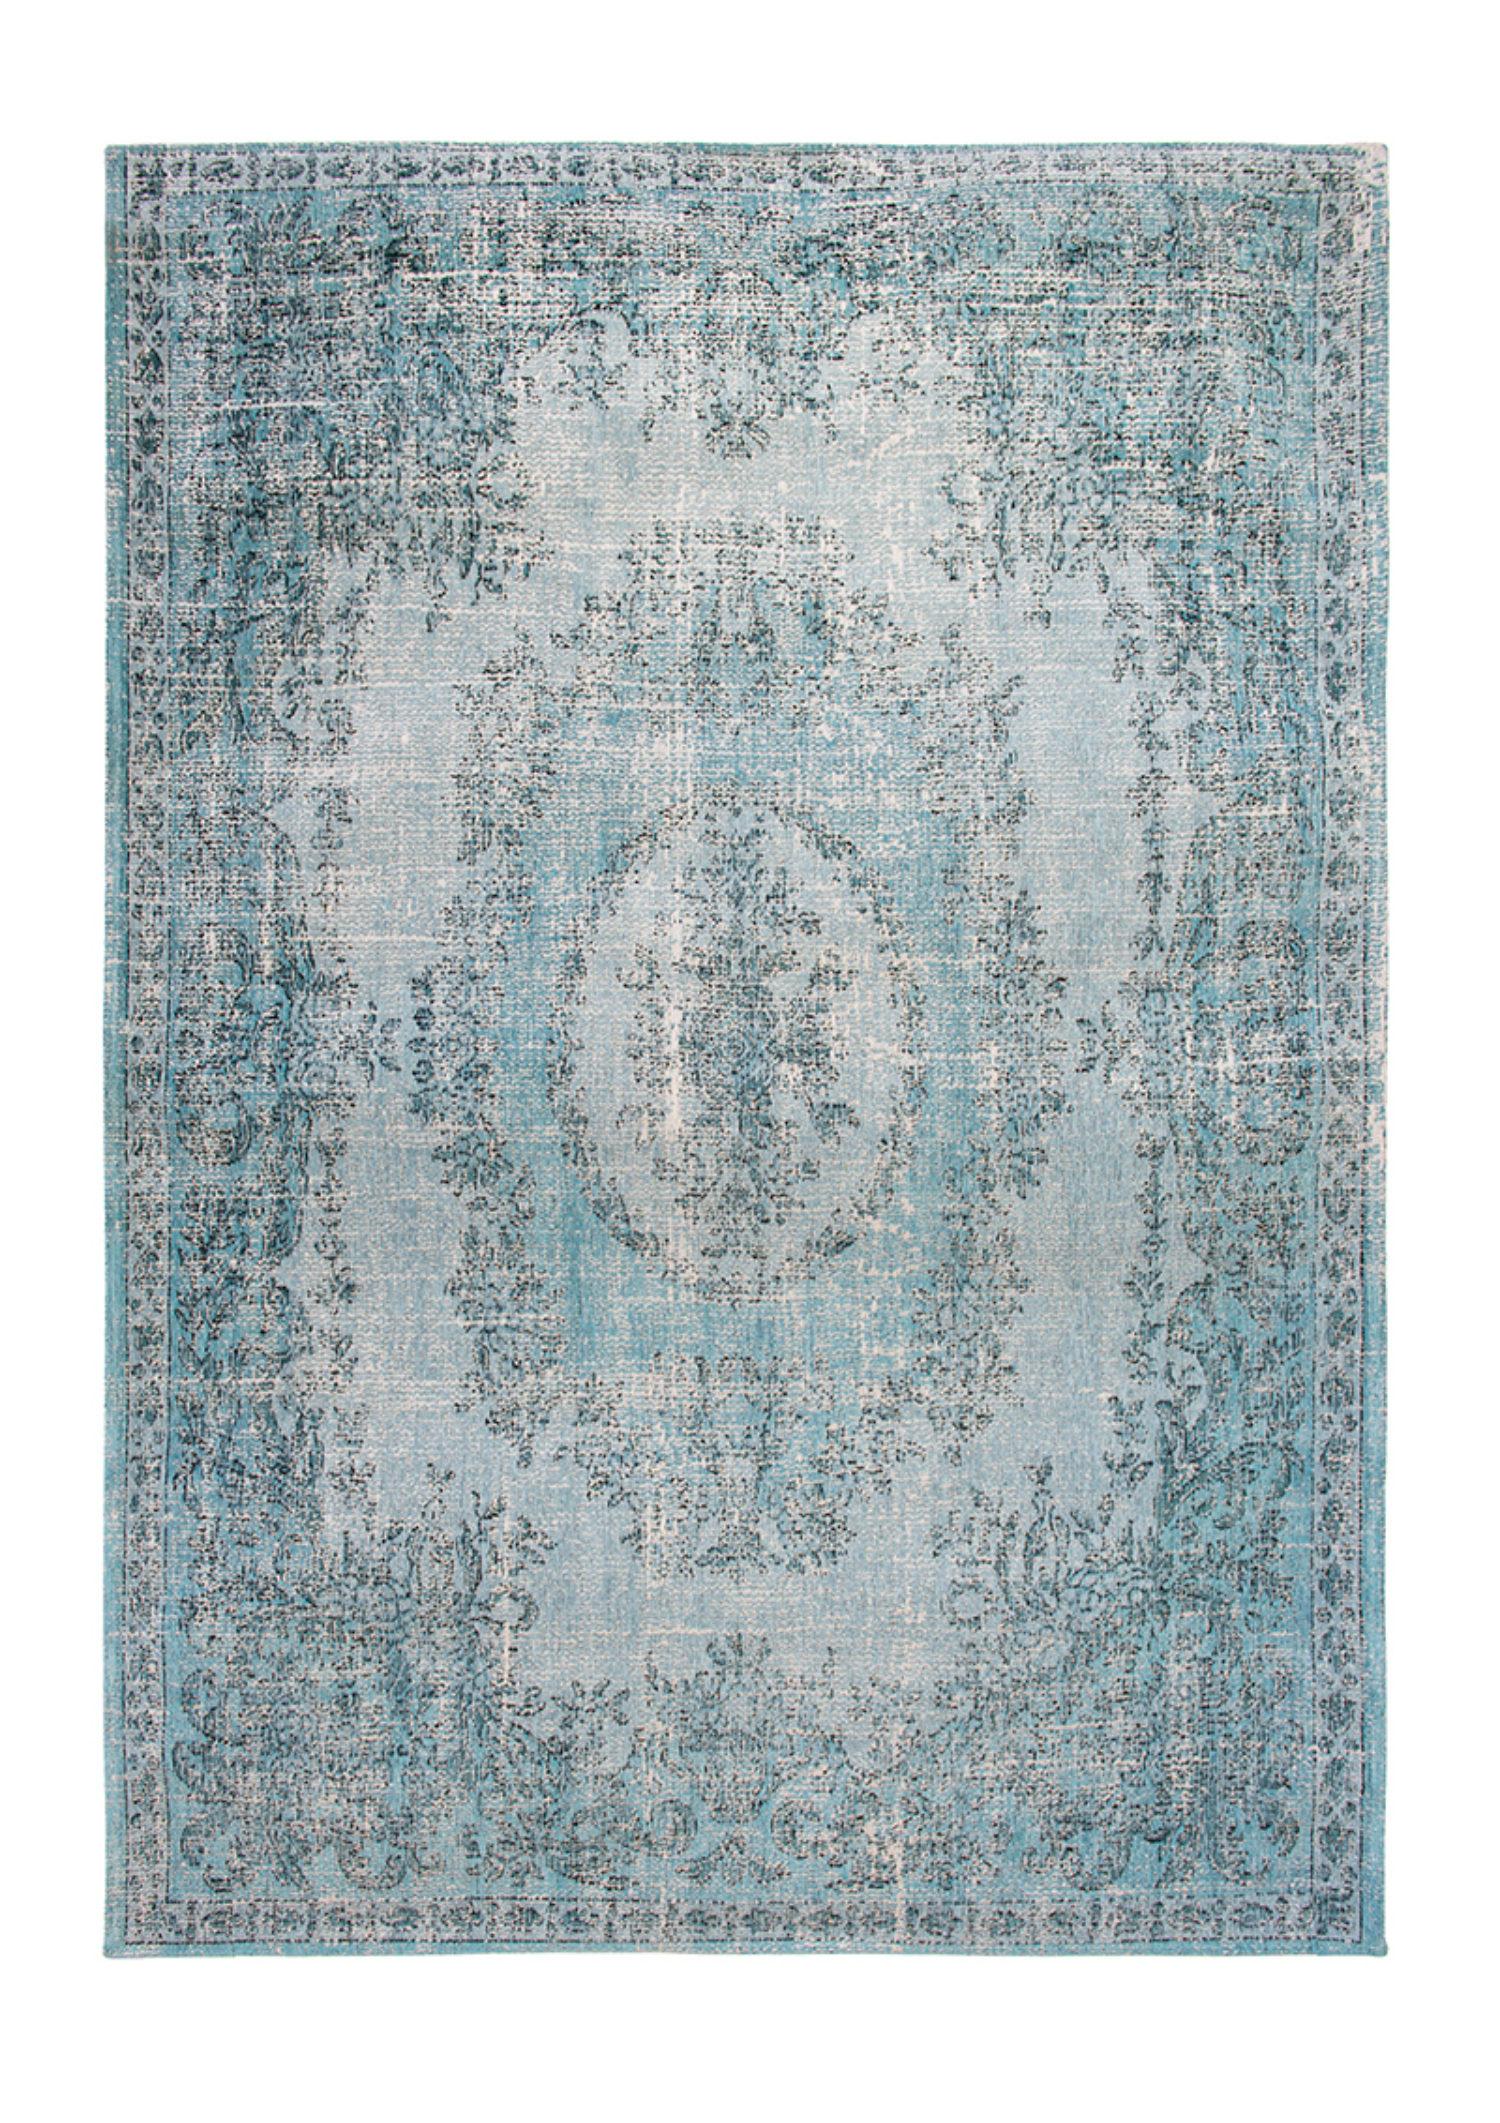 Palazzo Collection - Da Mosto Dandolo Blue 9140